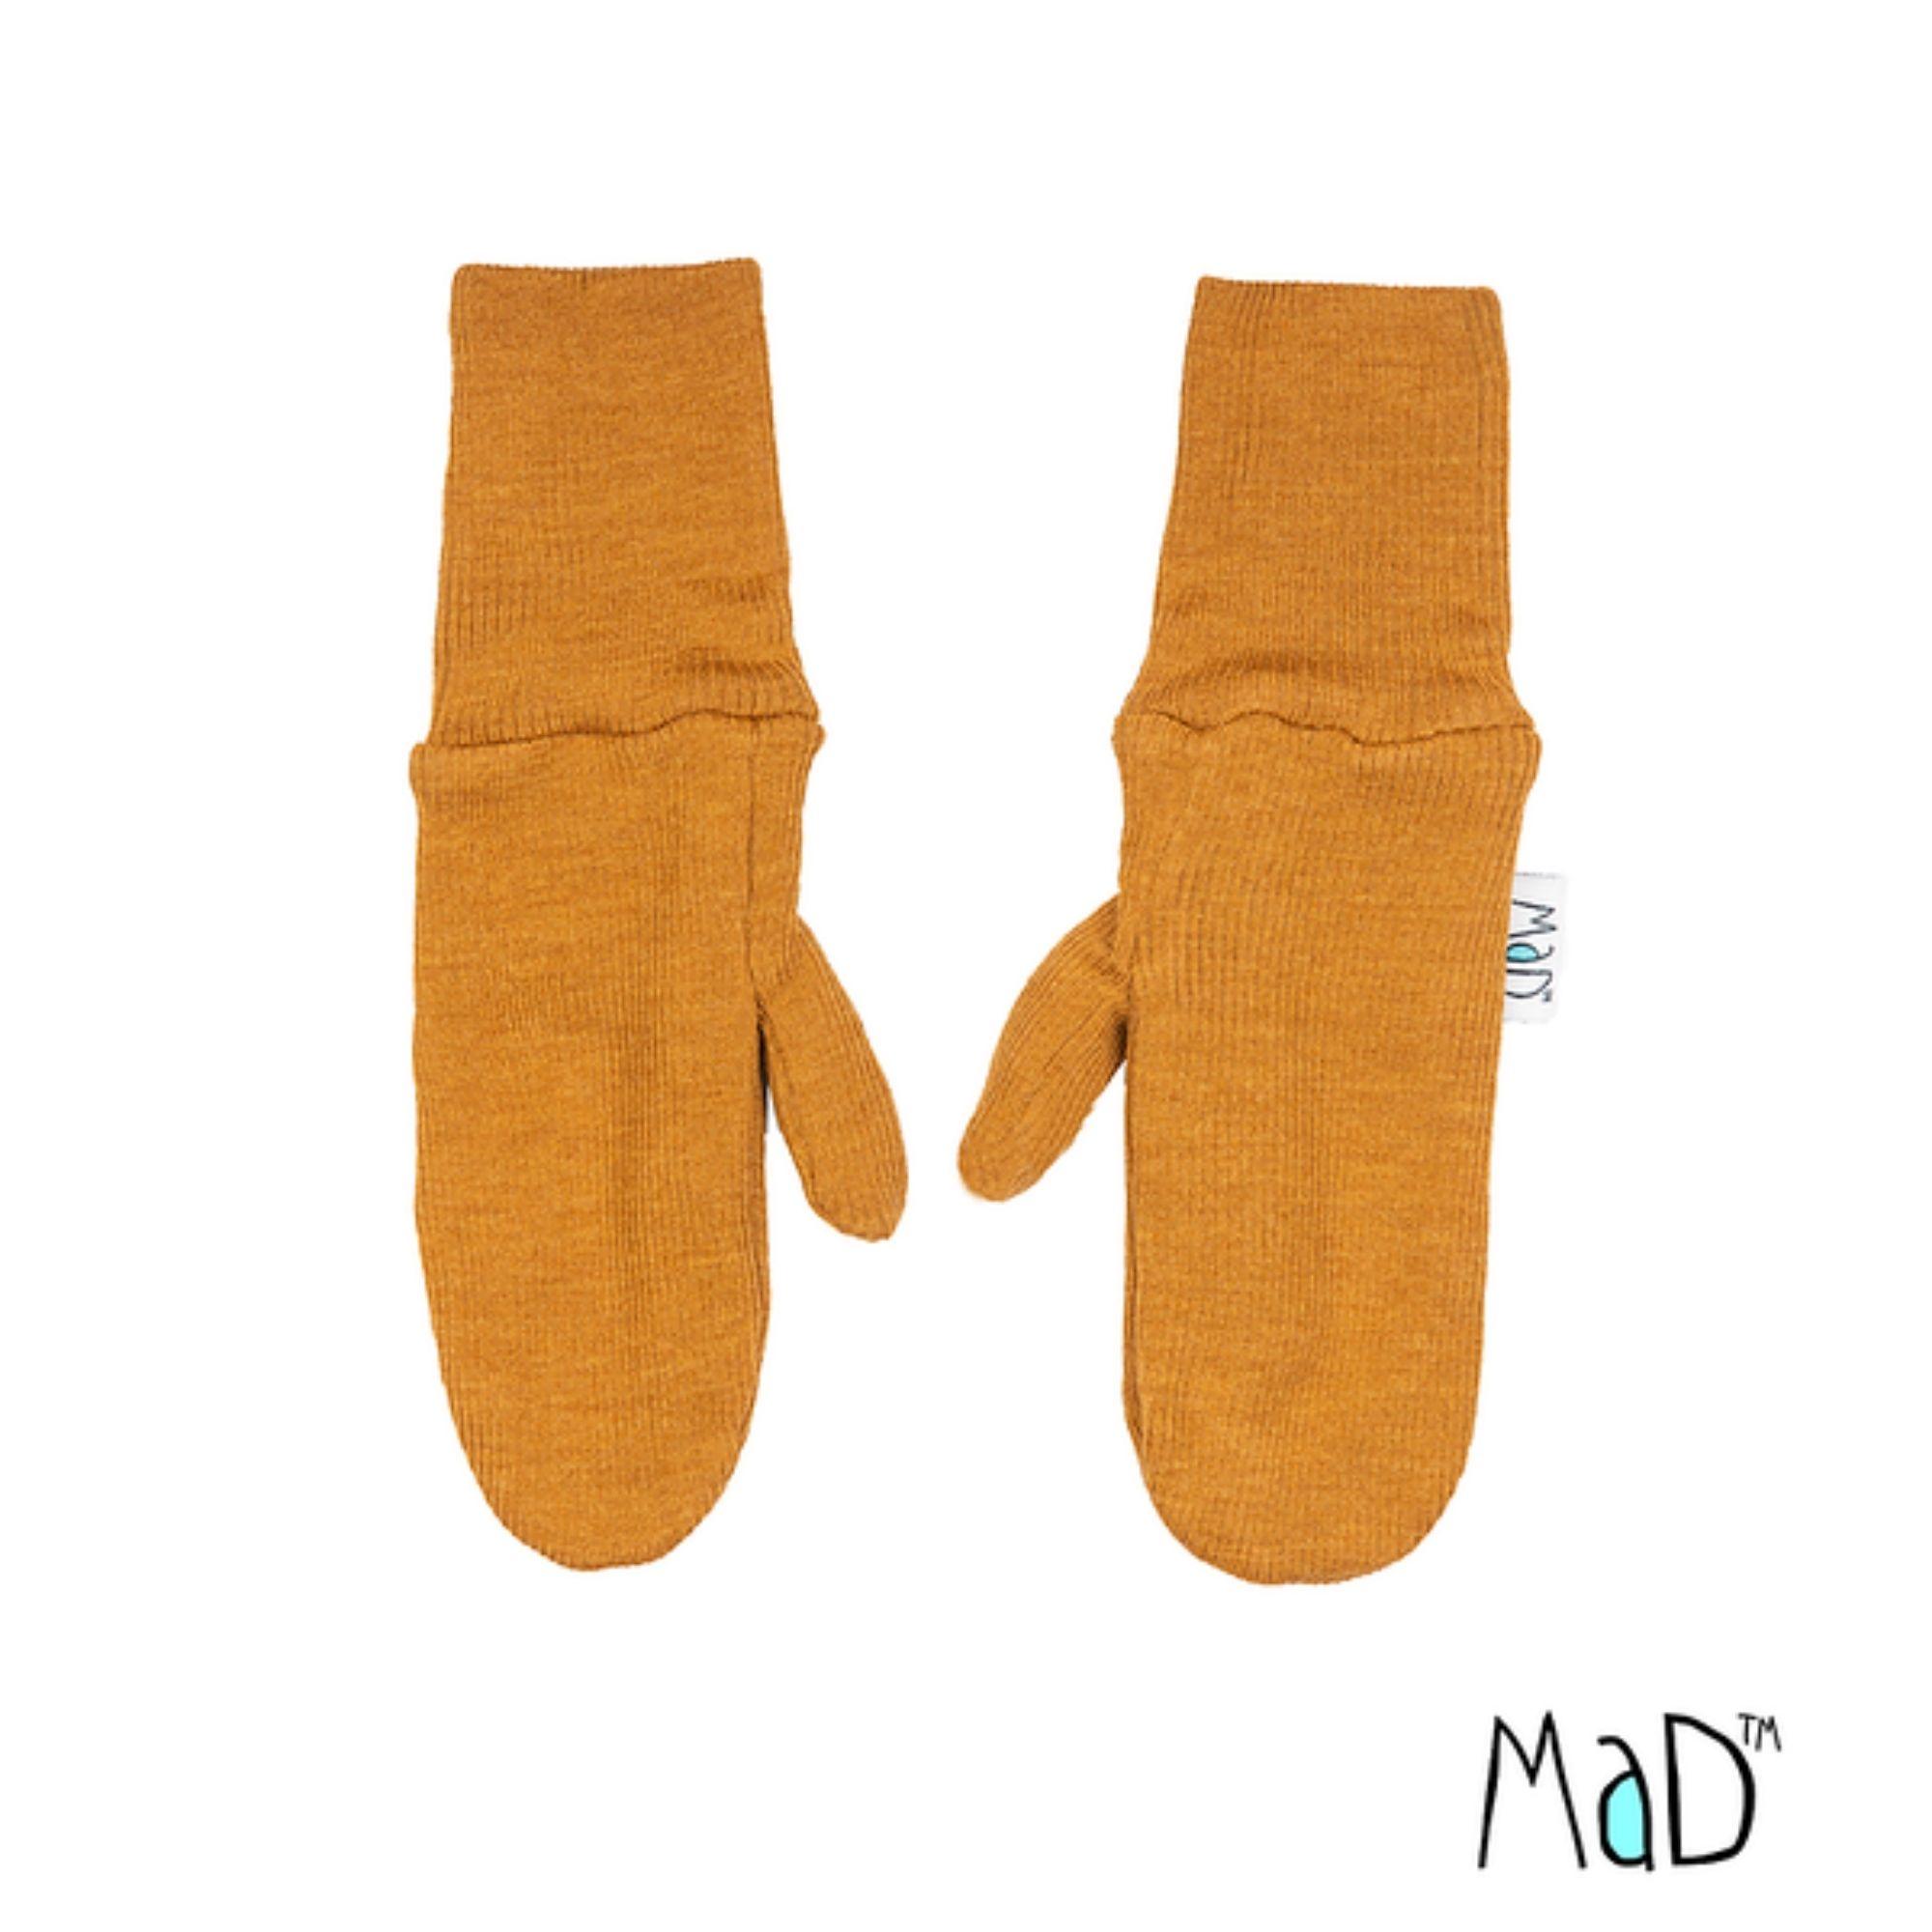 MAM / MAD - Moufles pour adultes et ados - laine mérinos